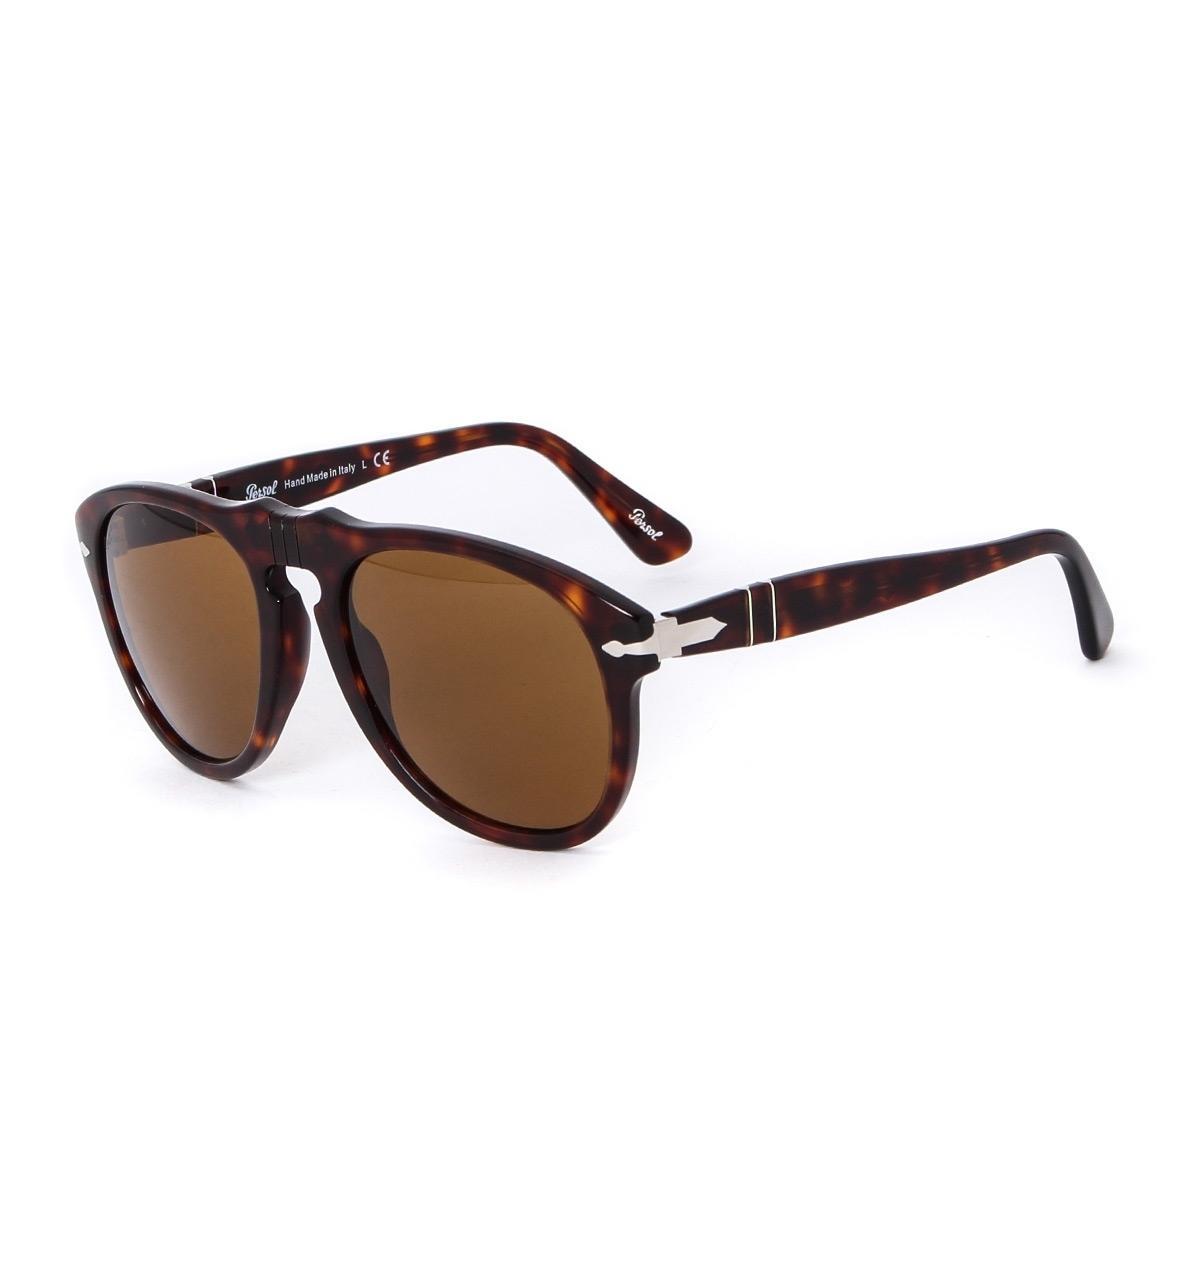 15ff34ae5ad Persol 649 Havana Brown Acetate Aviator Sunglasses in Brown for Men ...